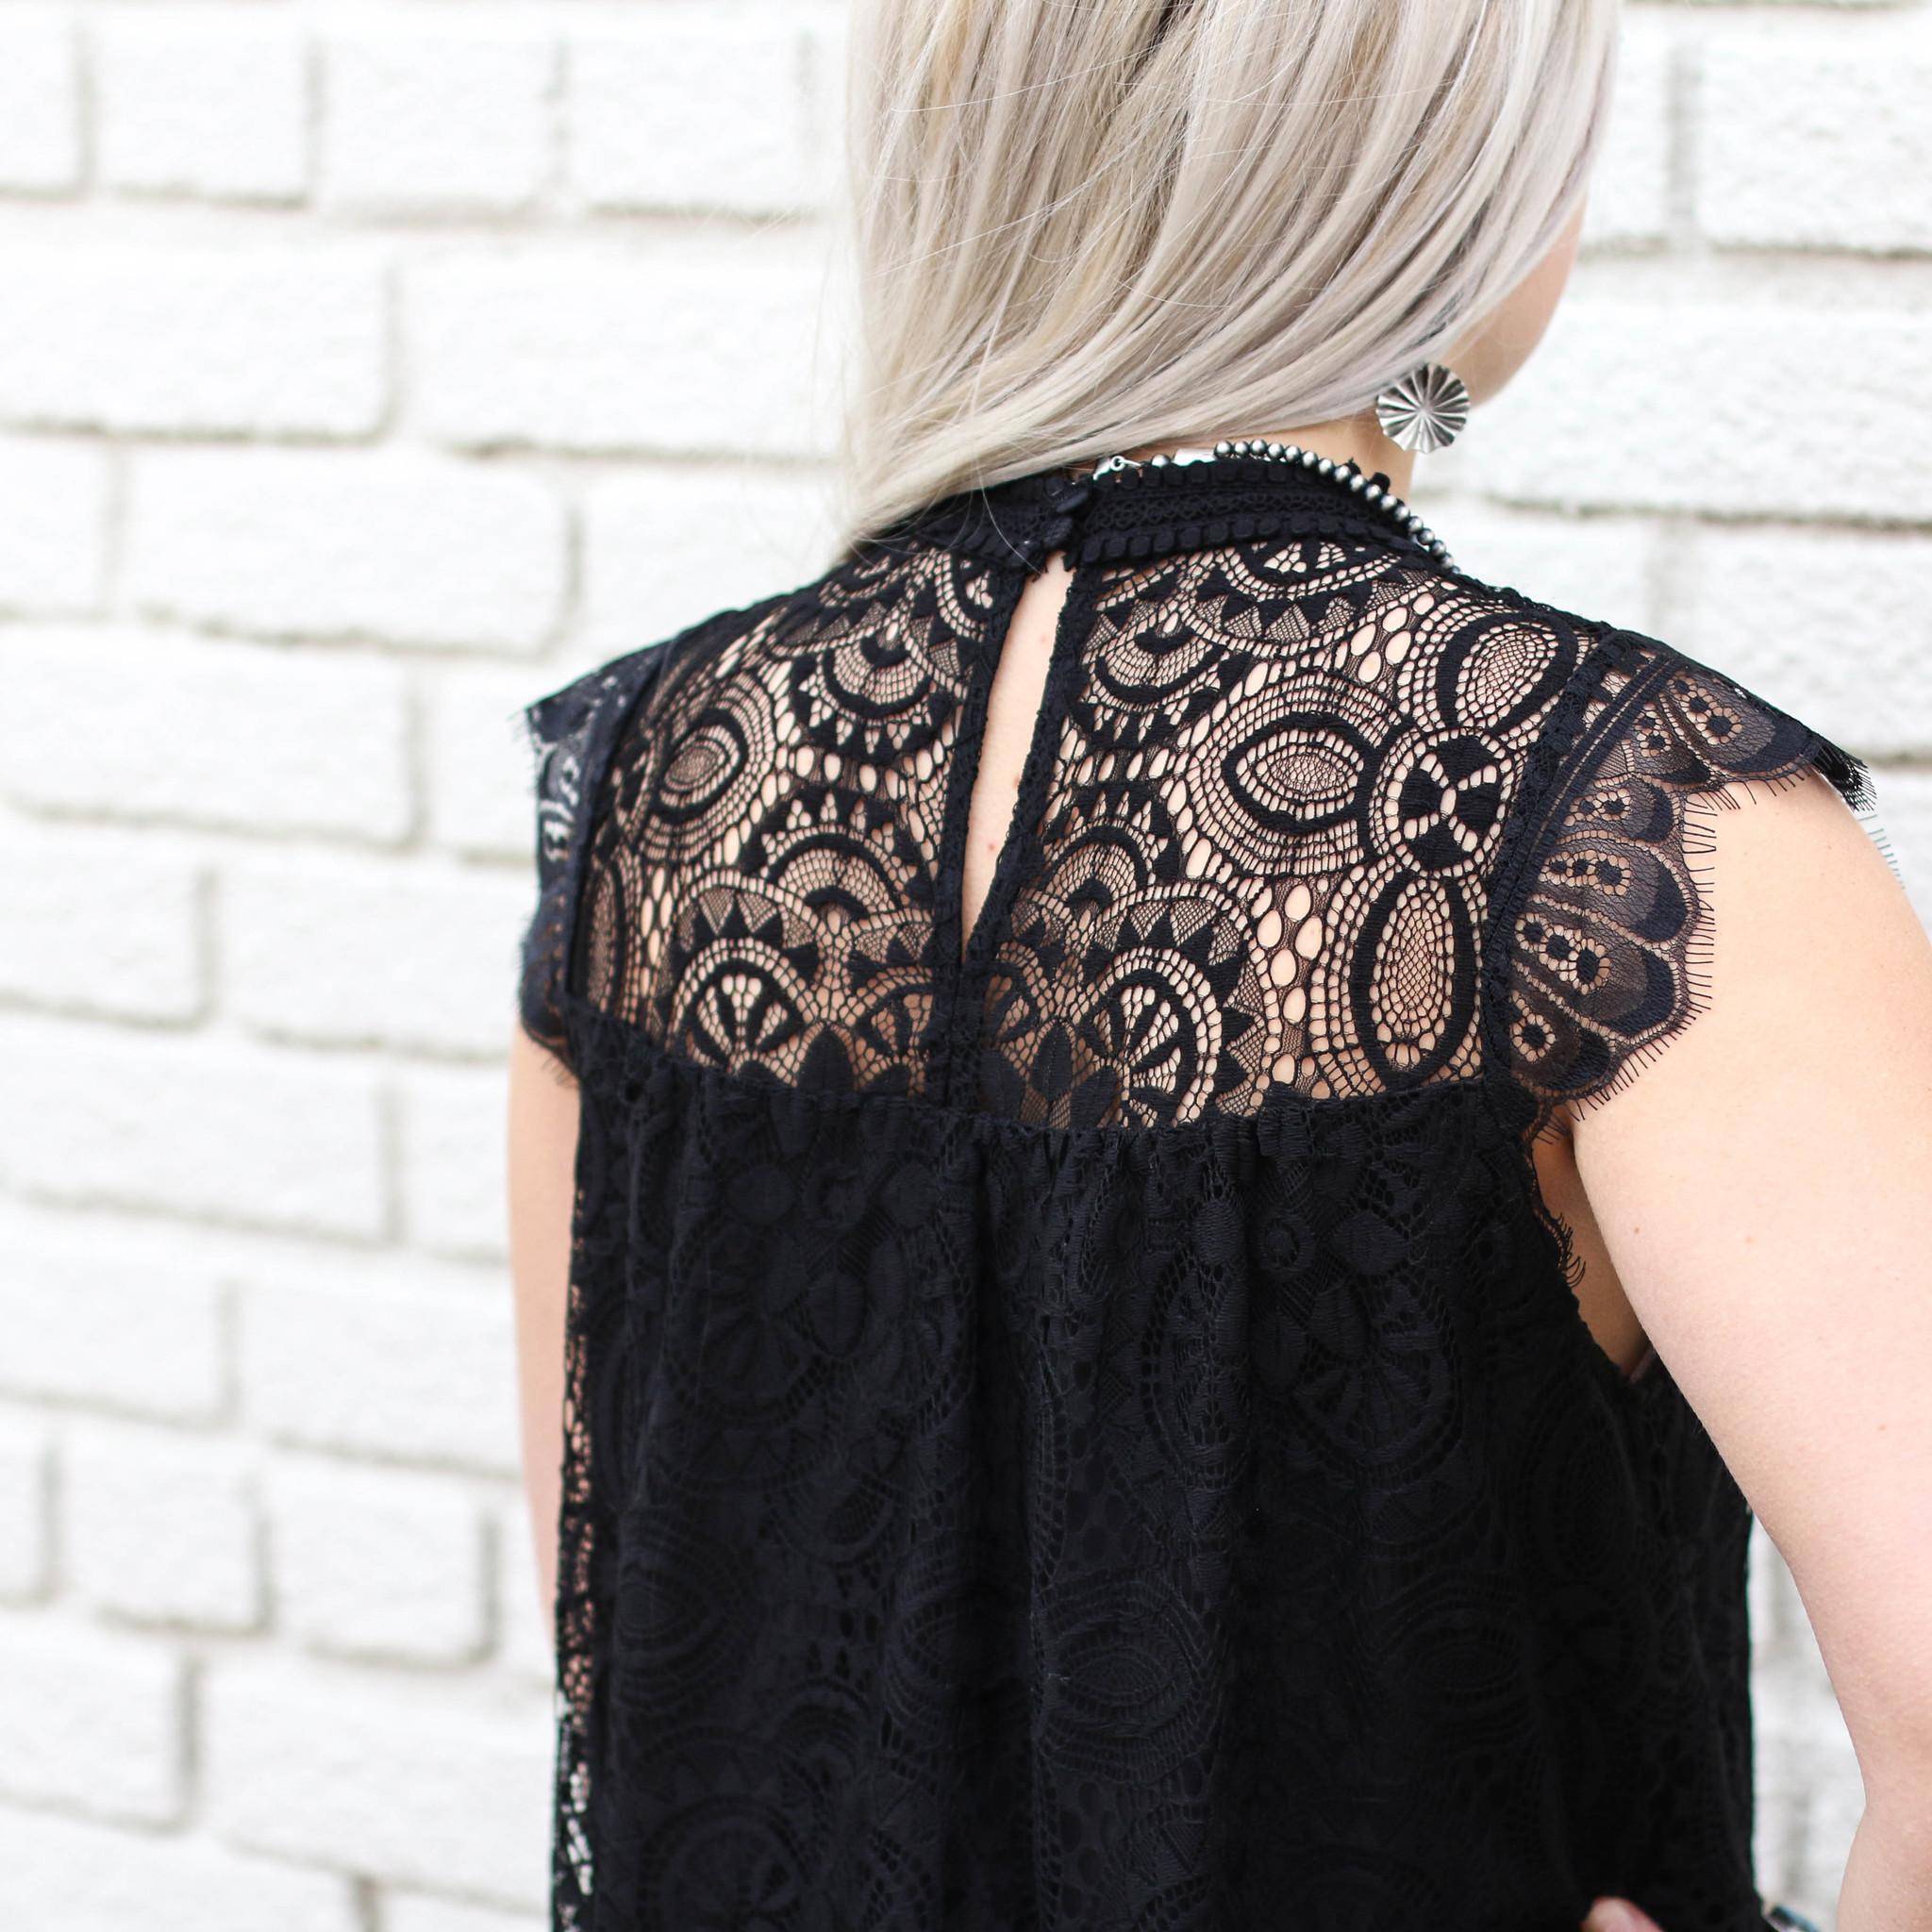 Punchy's Black Lace Blouse